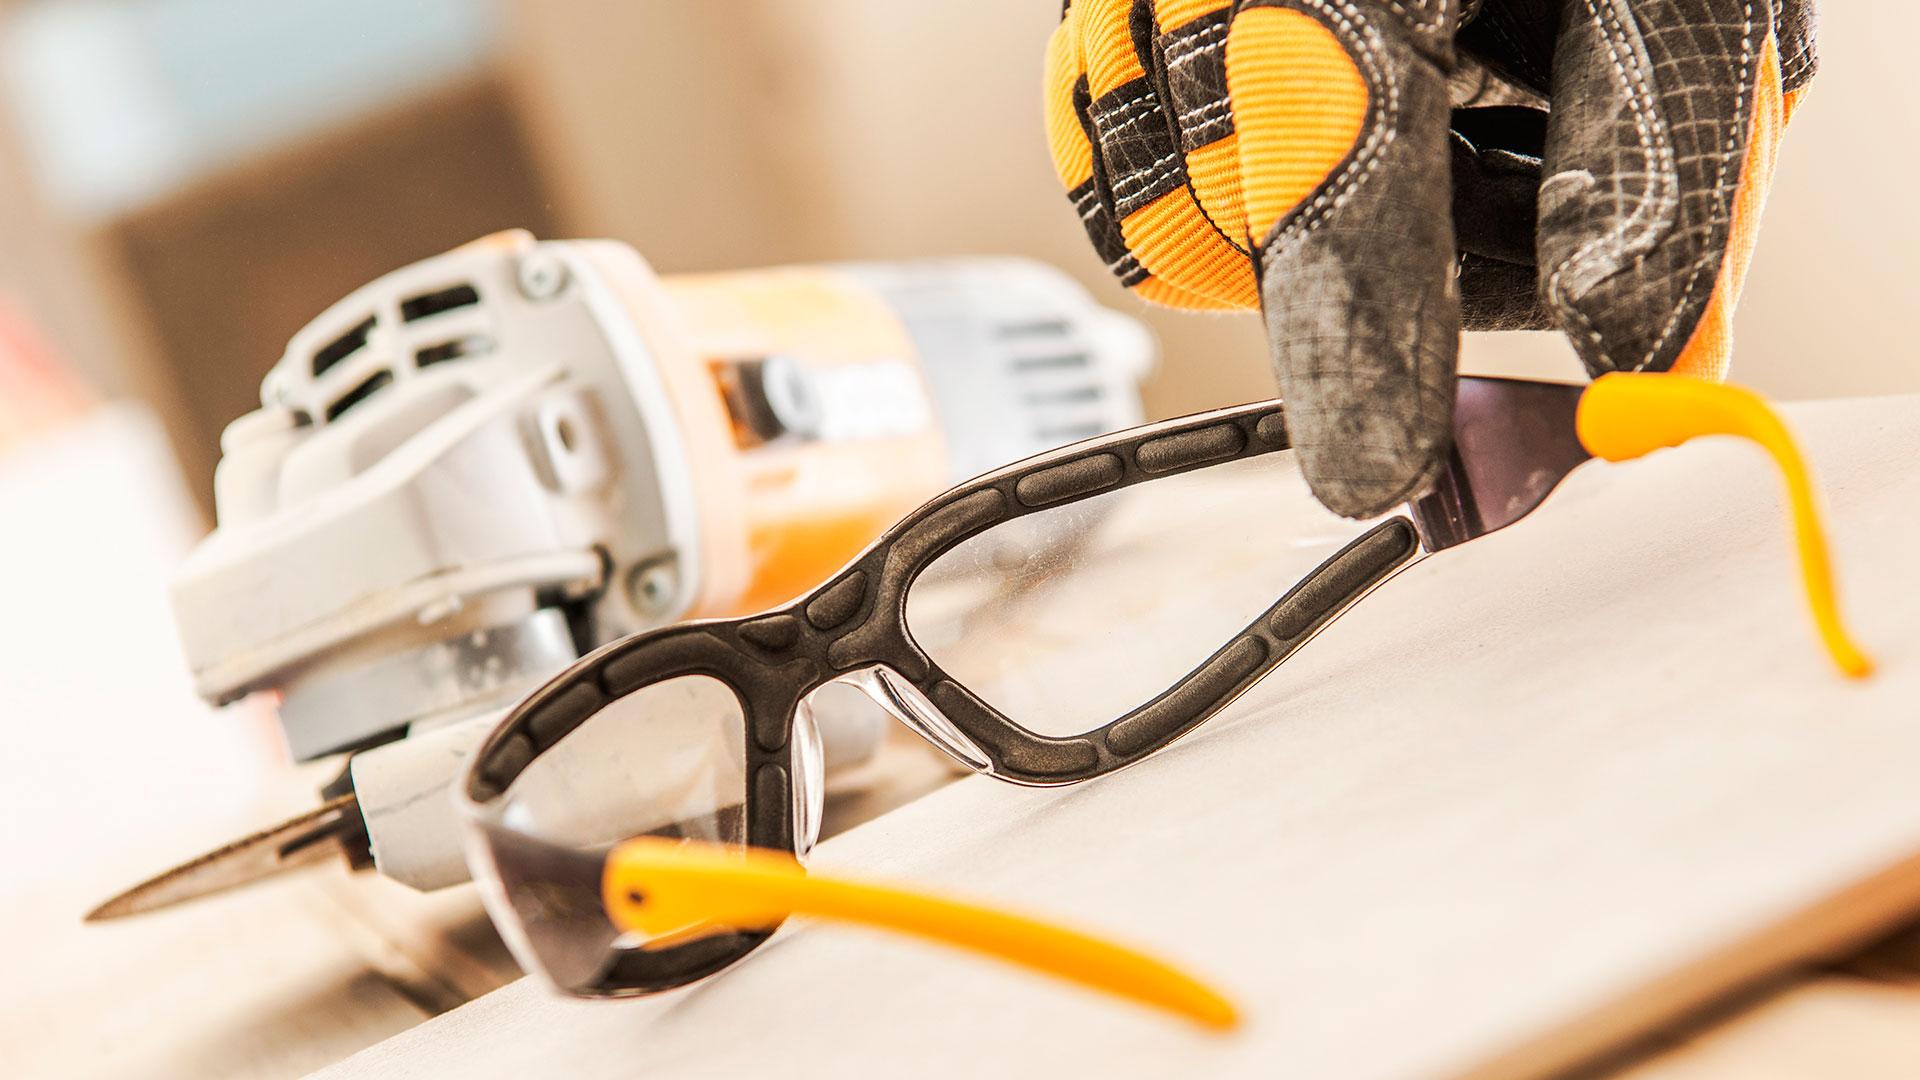 Dicas para limpeza e manutenção do seu óculos de segurança.